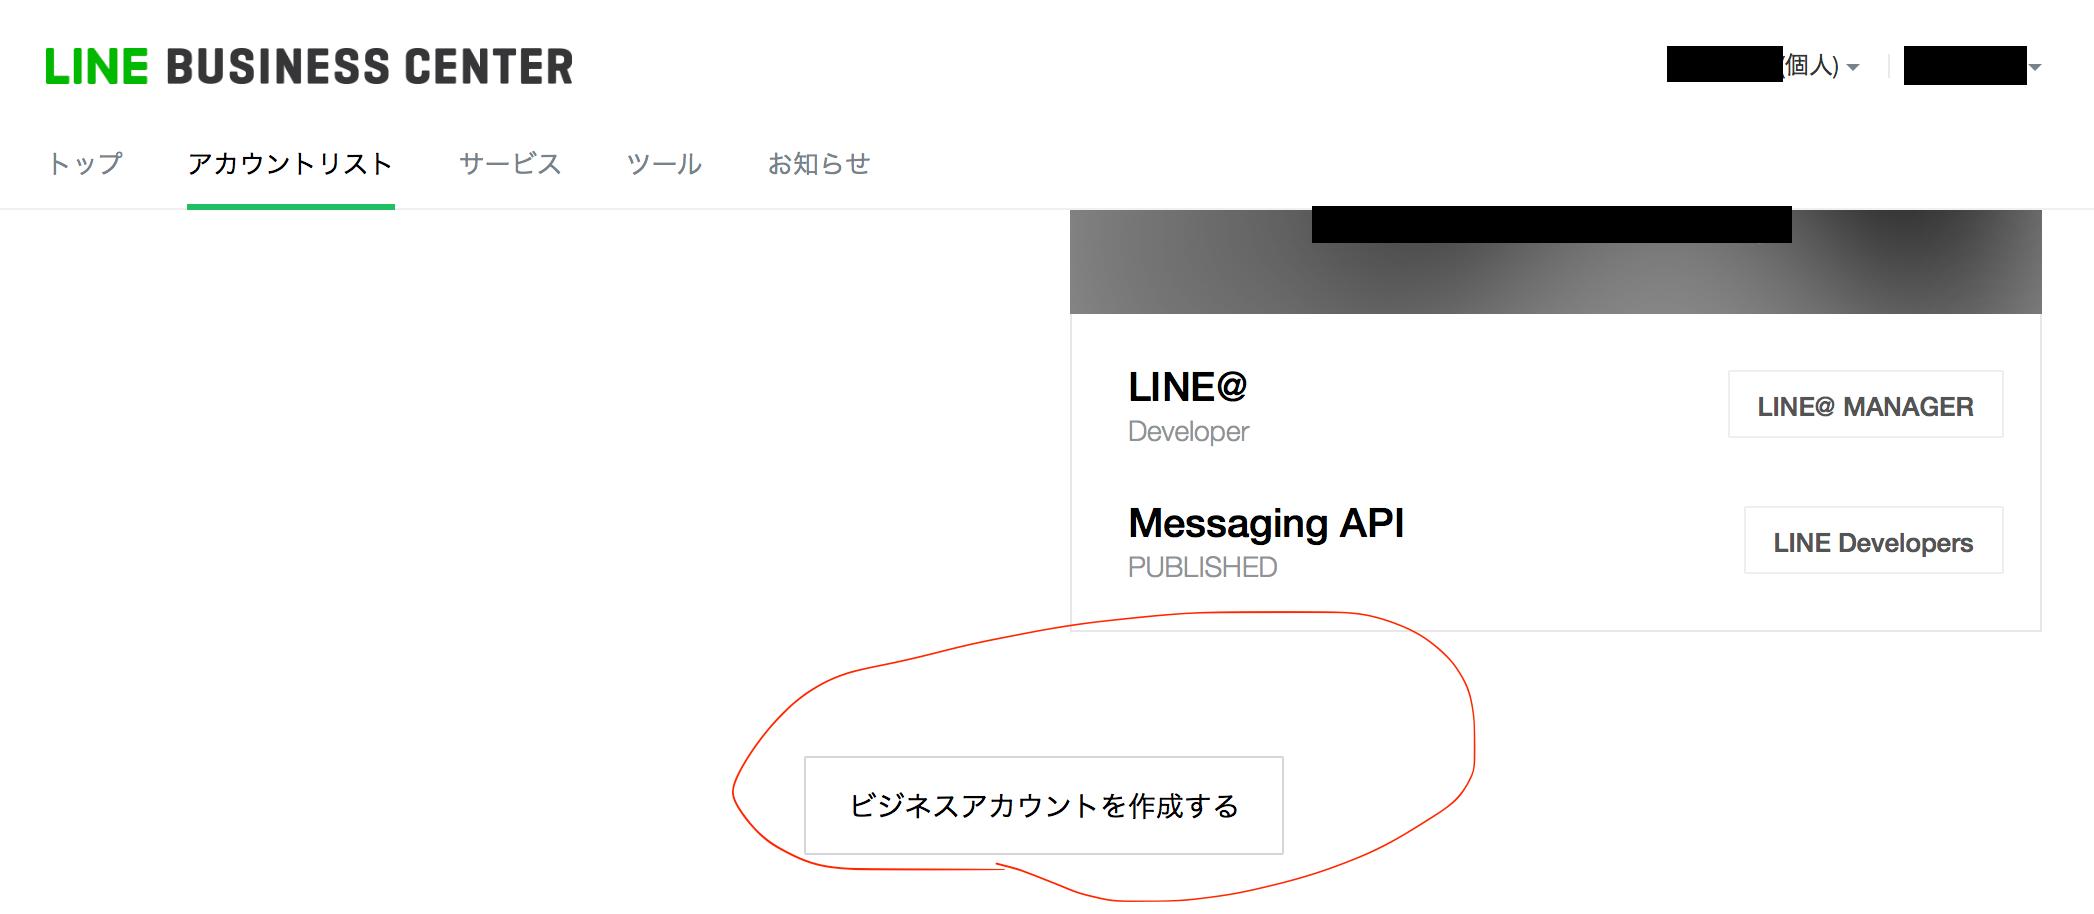 スクリーンショット 2017-08-31 0.37.26.png